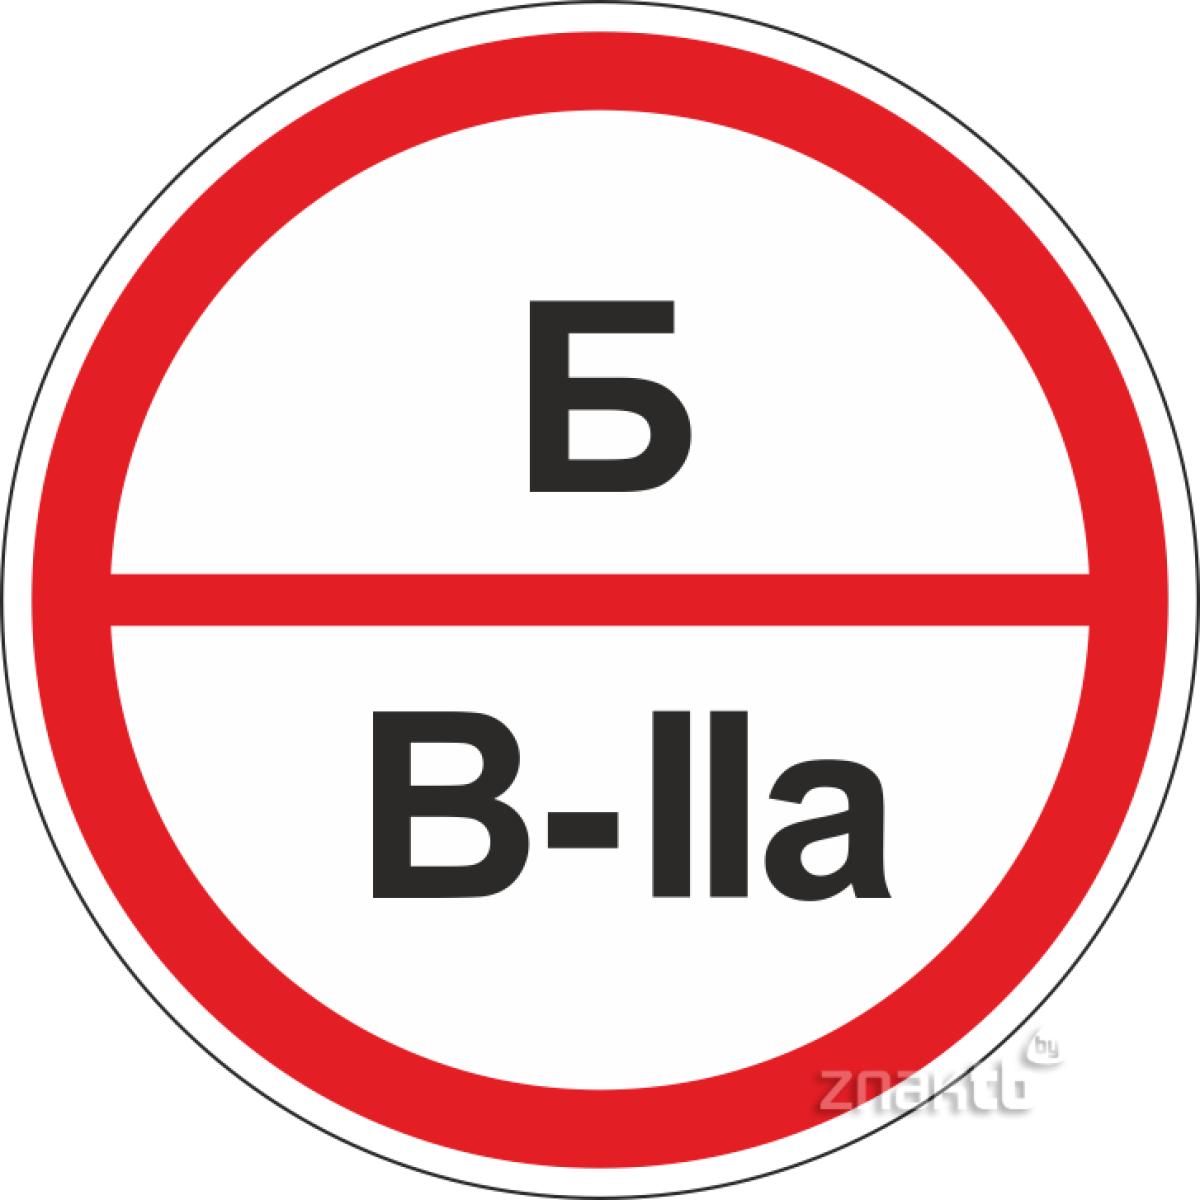 Знак категорийности помещений Б/В2а